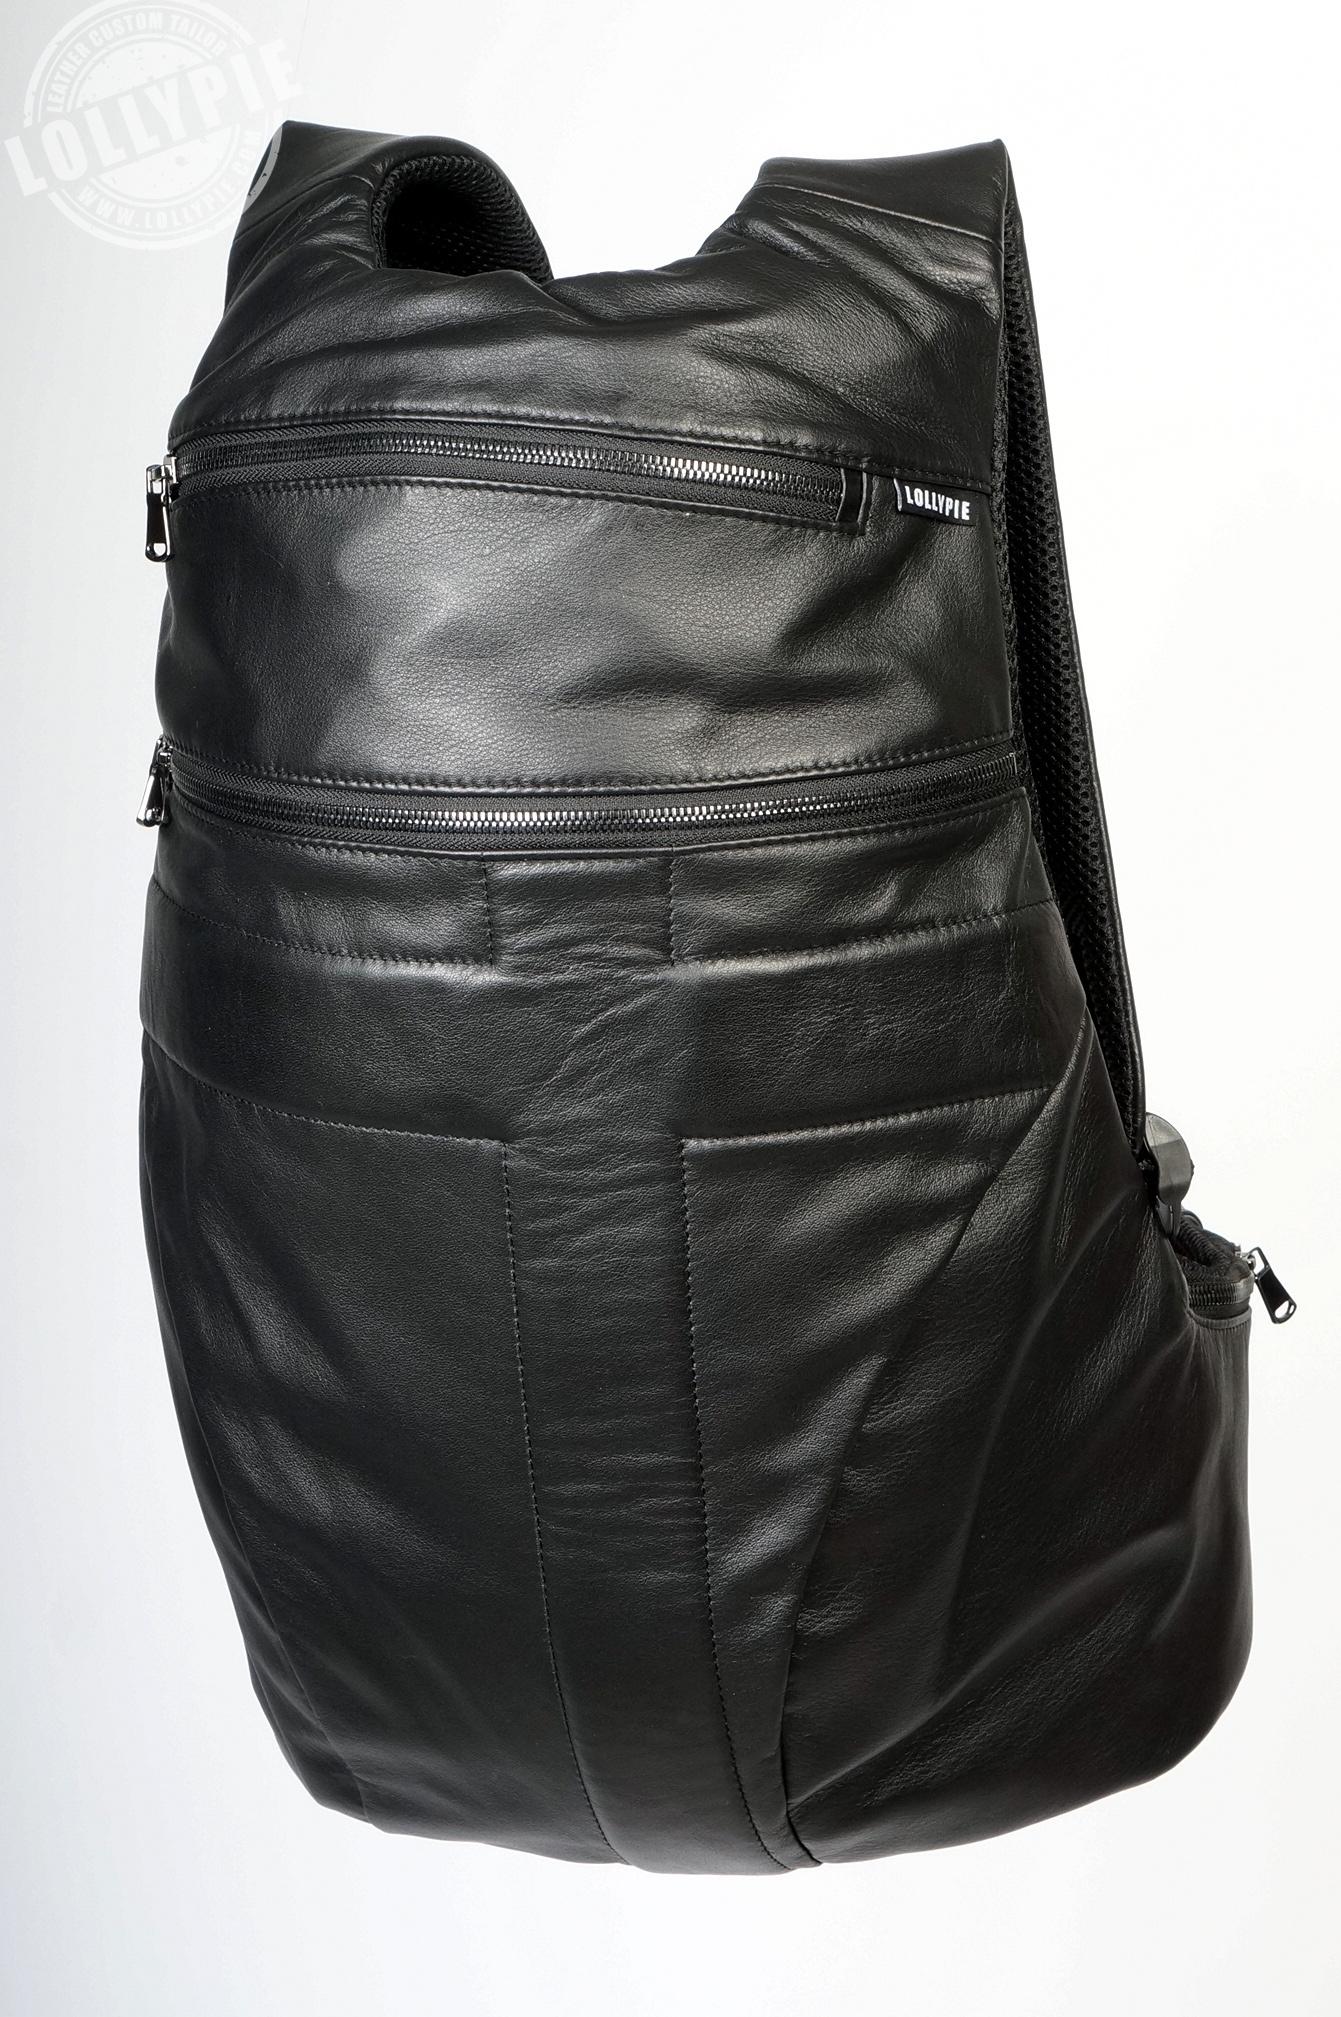 3f4a78e6b296 Черный кожаный рюкзак.